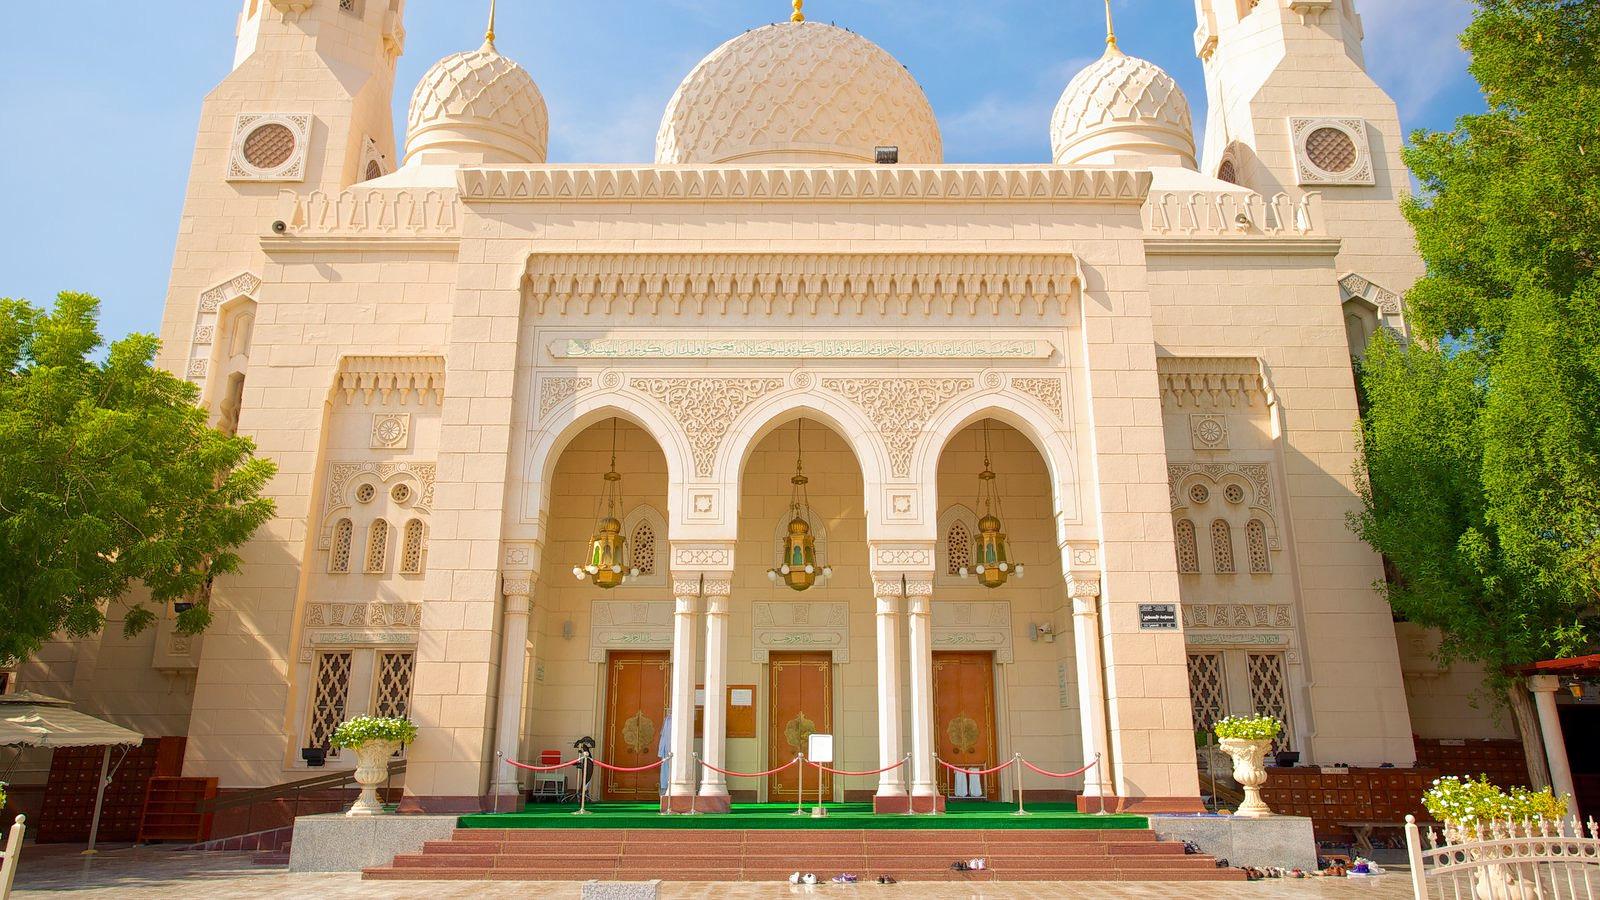 1511331436_60635-jumeirah-mosque.jpg